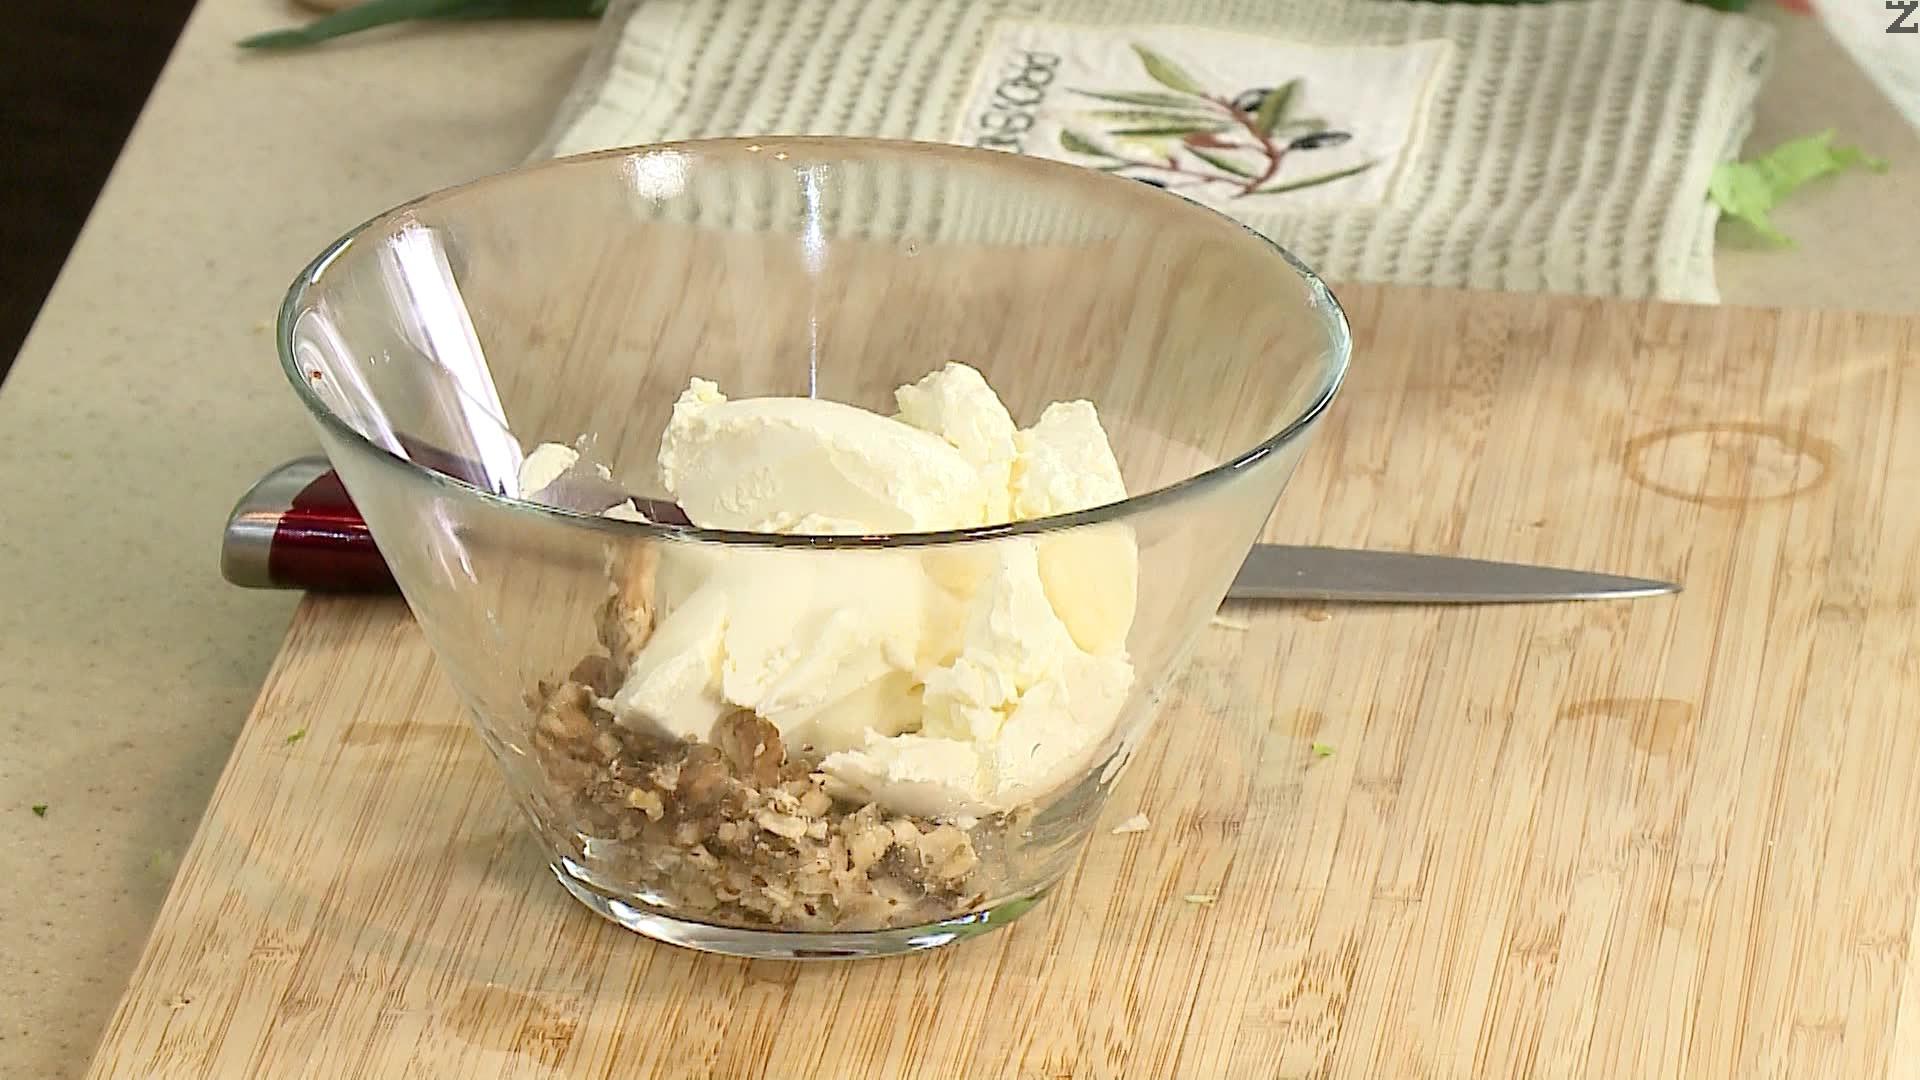 Орехите се запичат за минута в сух тиган на умерен огън. Счукват се в хаванче. Смесват се в купа заедно с крема сирене и фино нарязани две пера от пресния лук. Обърква се и с намаслени ръце се правят топчета.